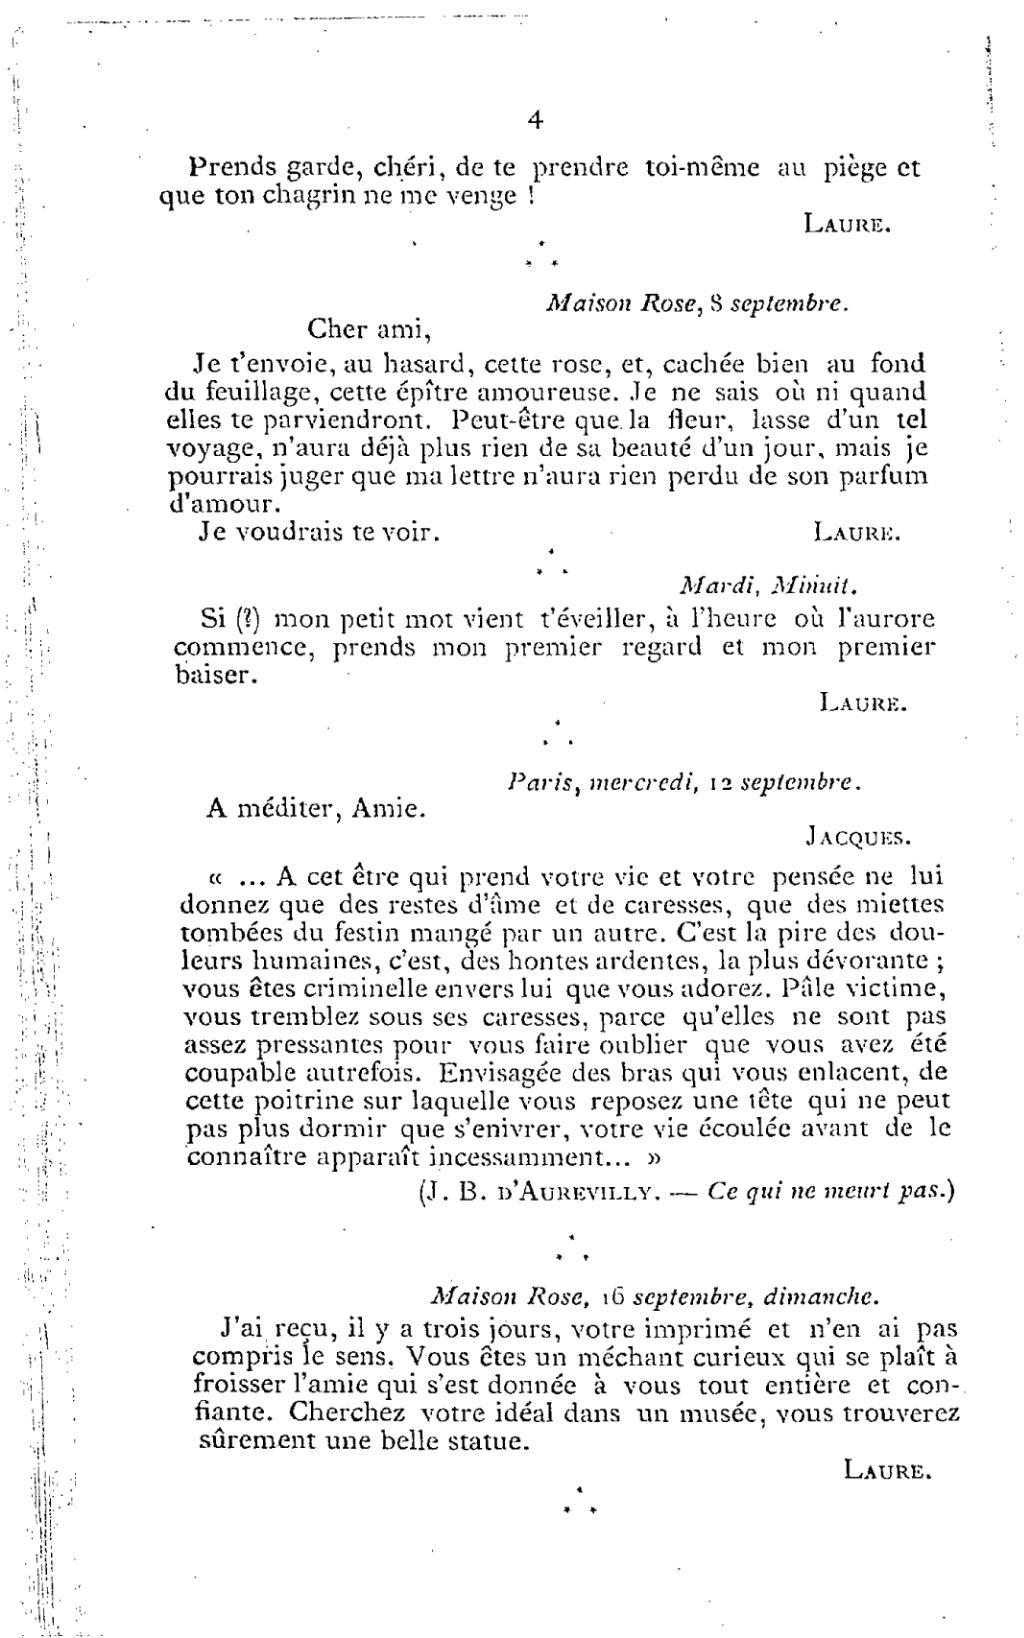 Pagechampsaur Lettres Damour 1888djvu4 Wikisource